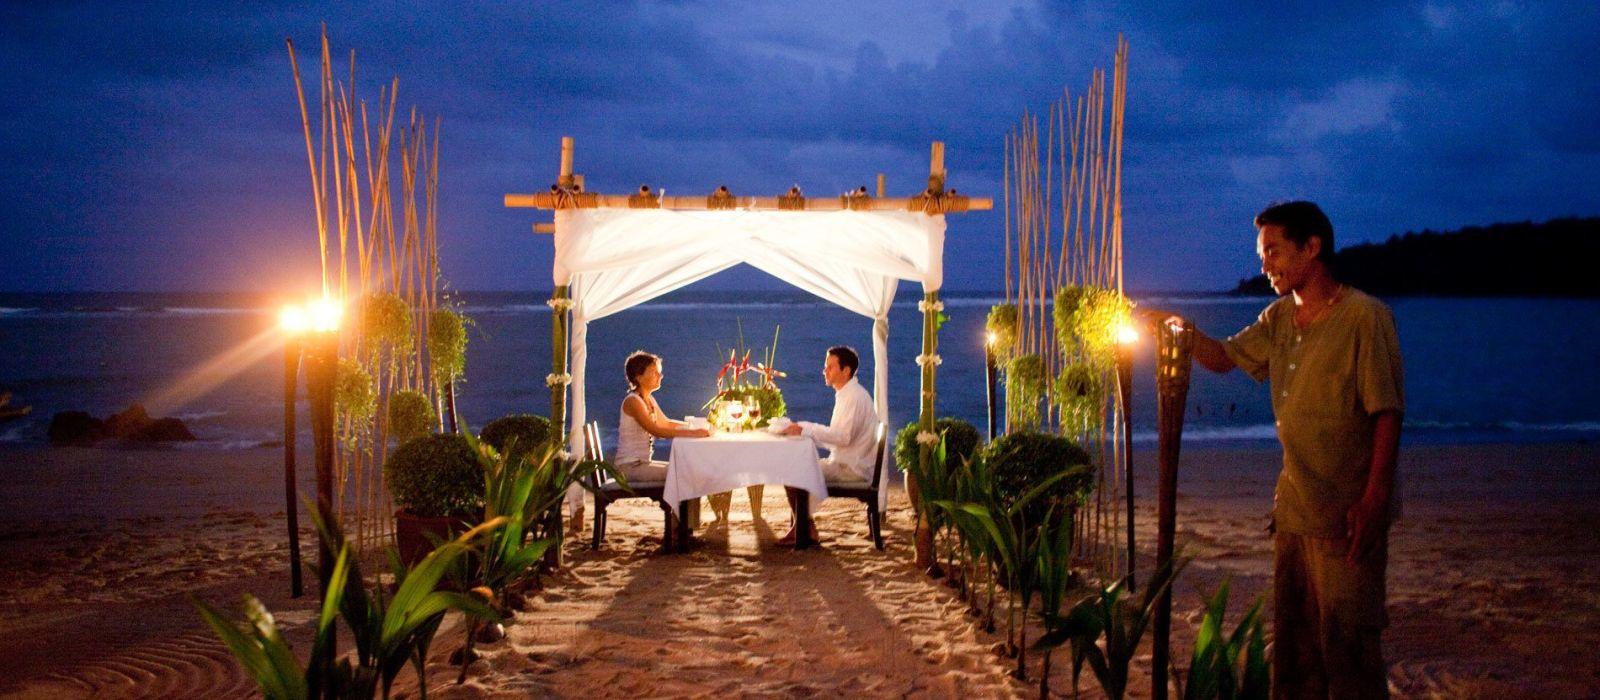 Hotel Anantara Lawana Koh Samui Resort Thailand